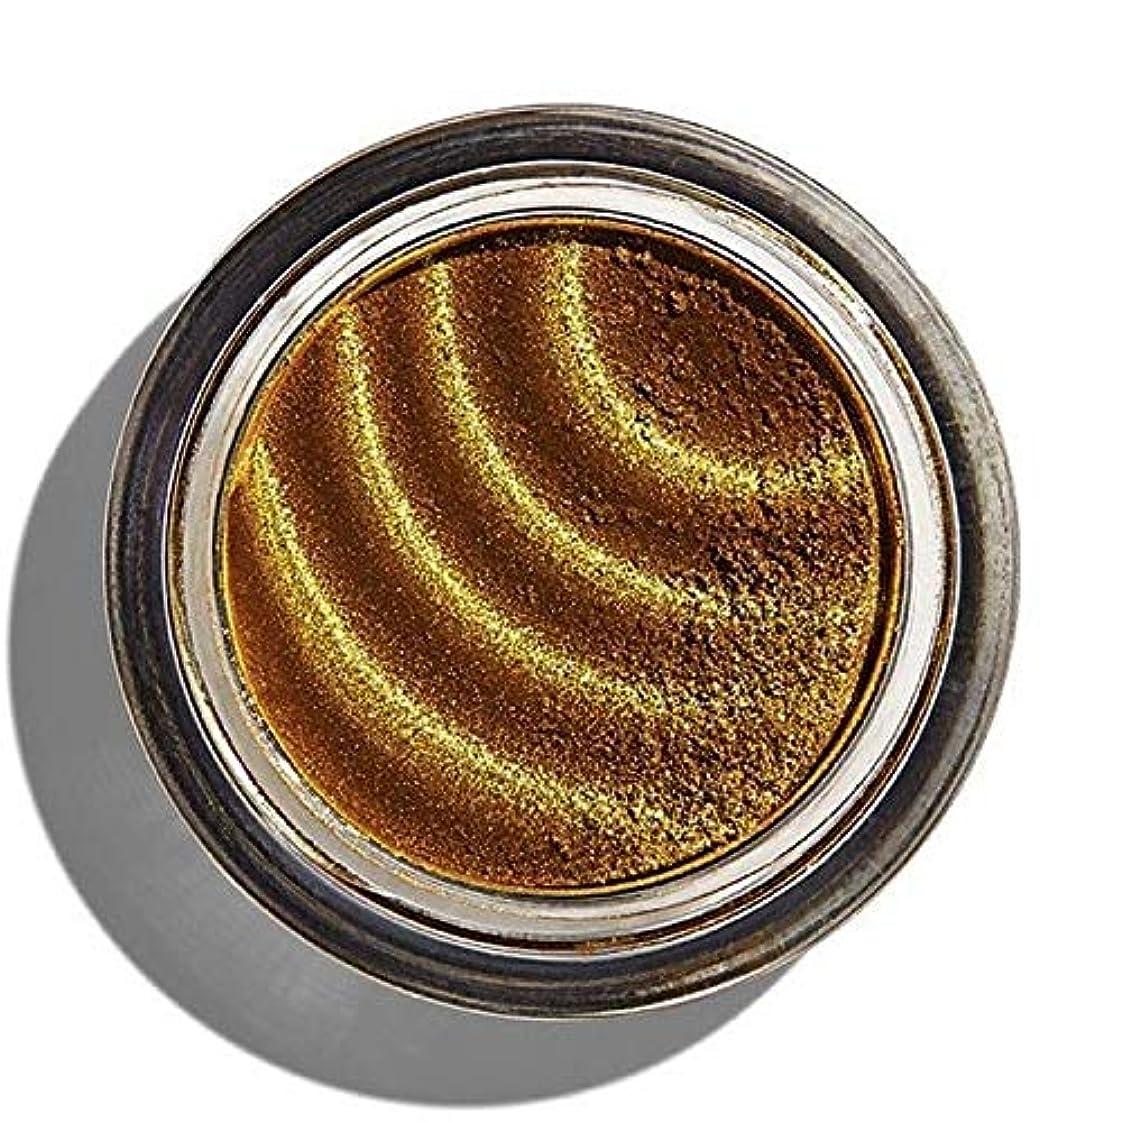 飢饉資金を除く[Revolution ] 化粧革命磁化のアイシャドウゴールド - Makeup Revolution Magnetize Eyeshadow Gold [並行輸入品]